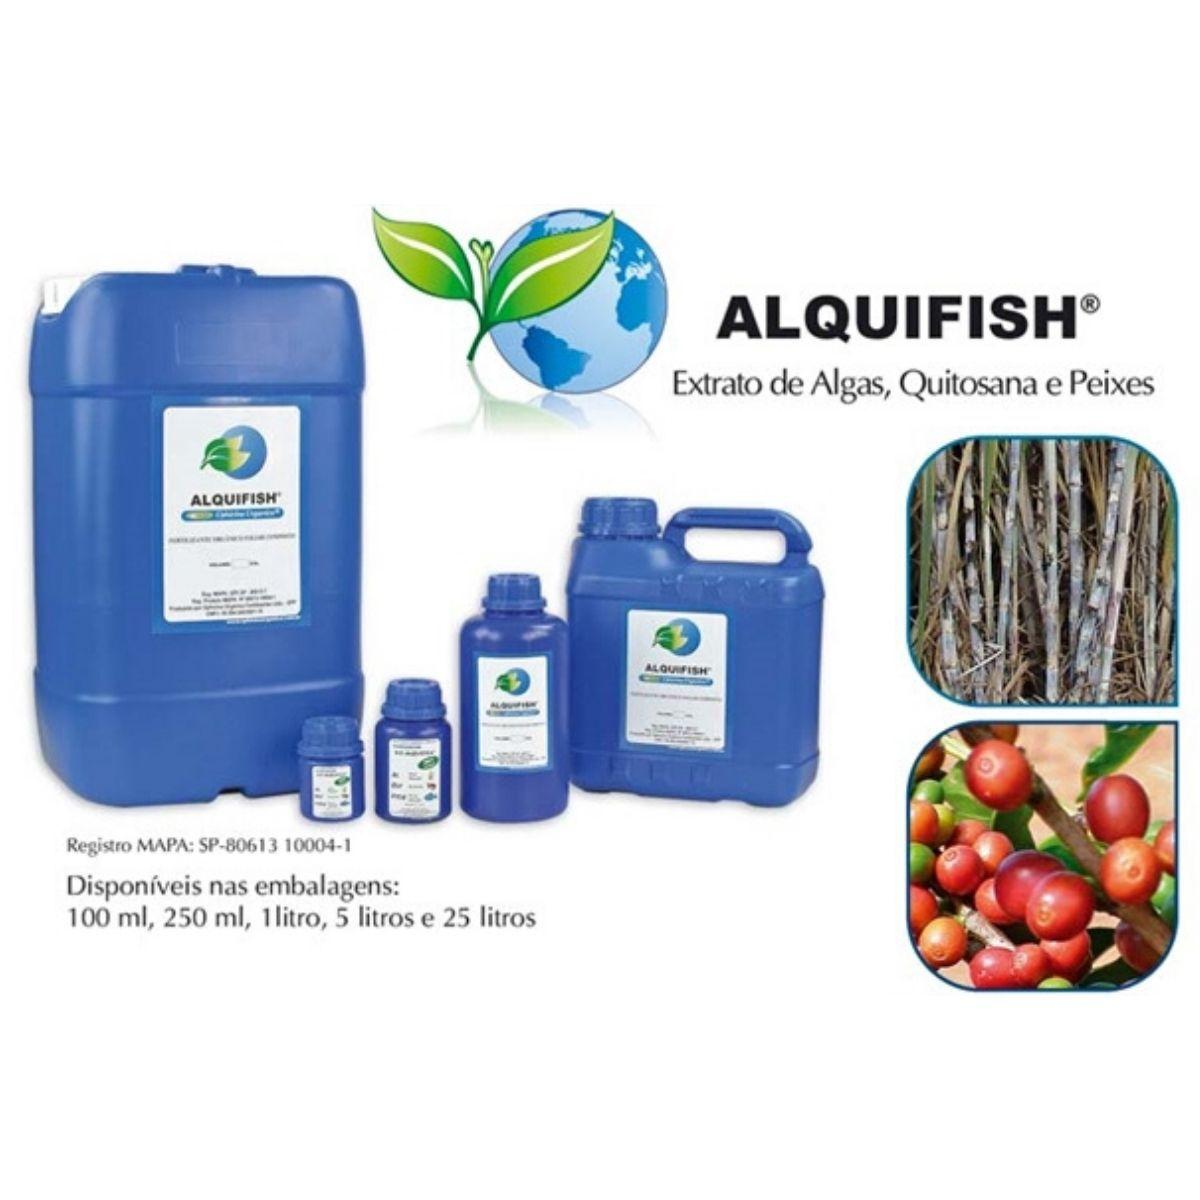 Biofertilizante liquido Bio Alquifish para vaso auto irrigável 250 ml